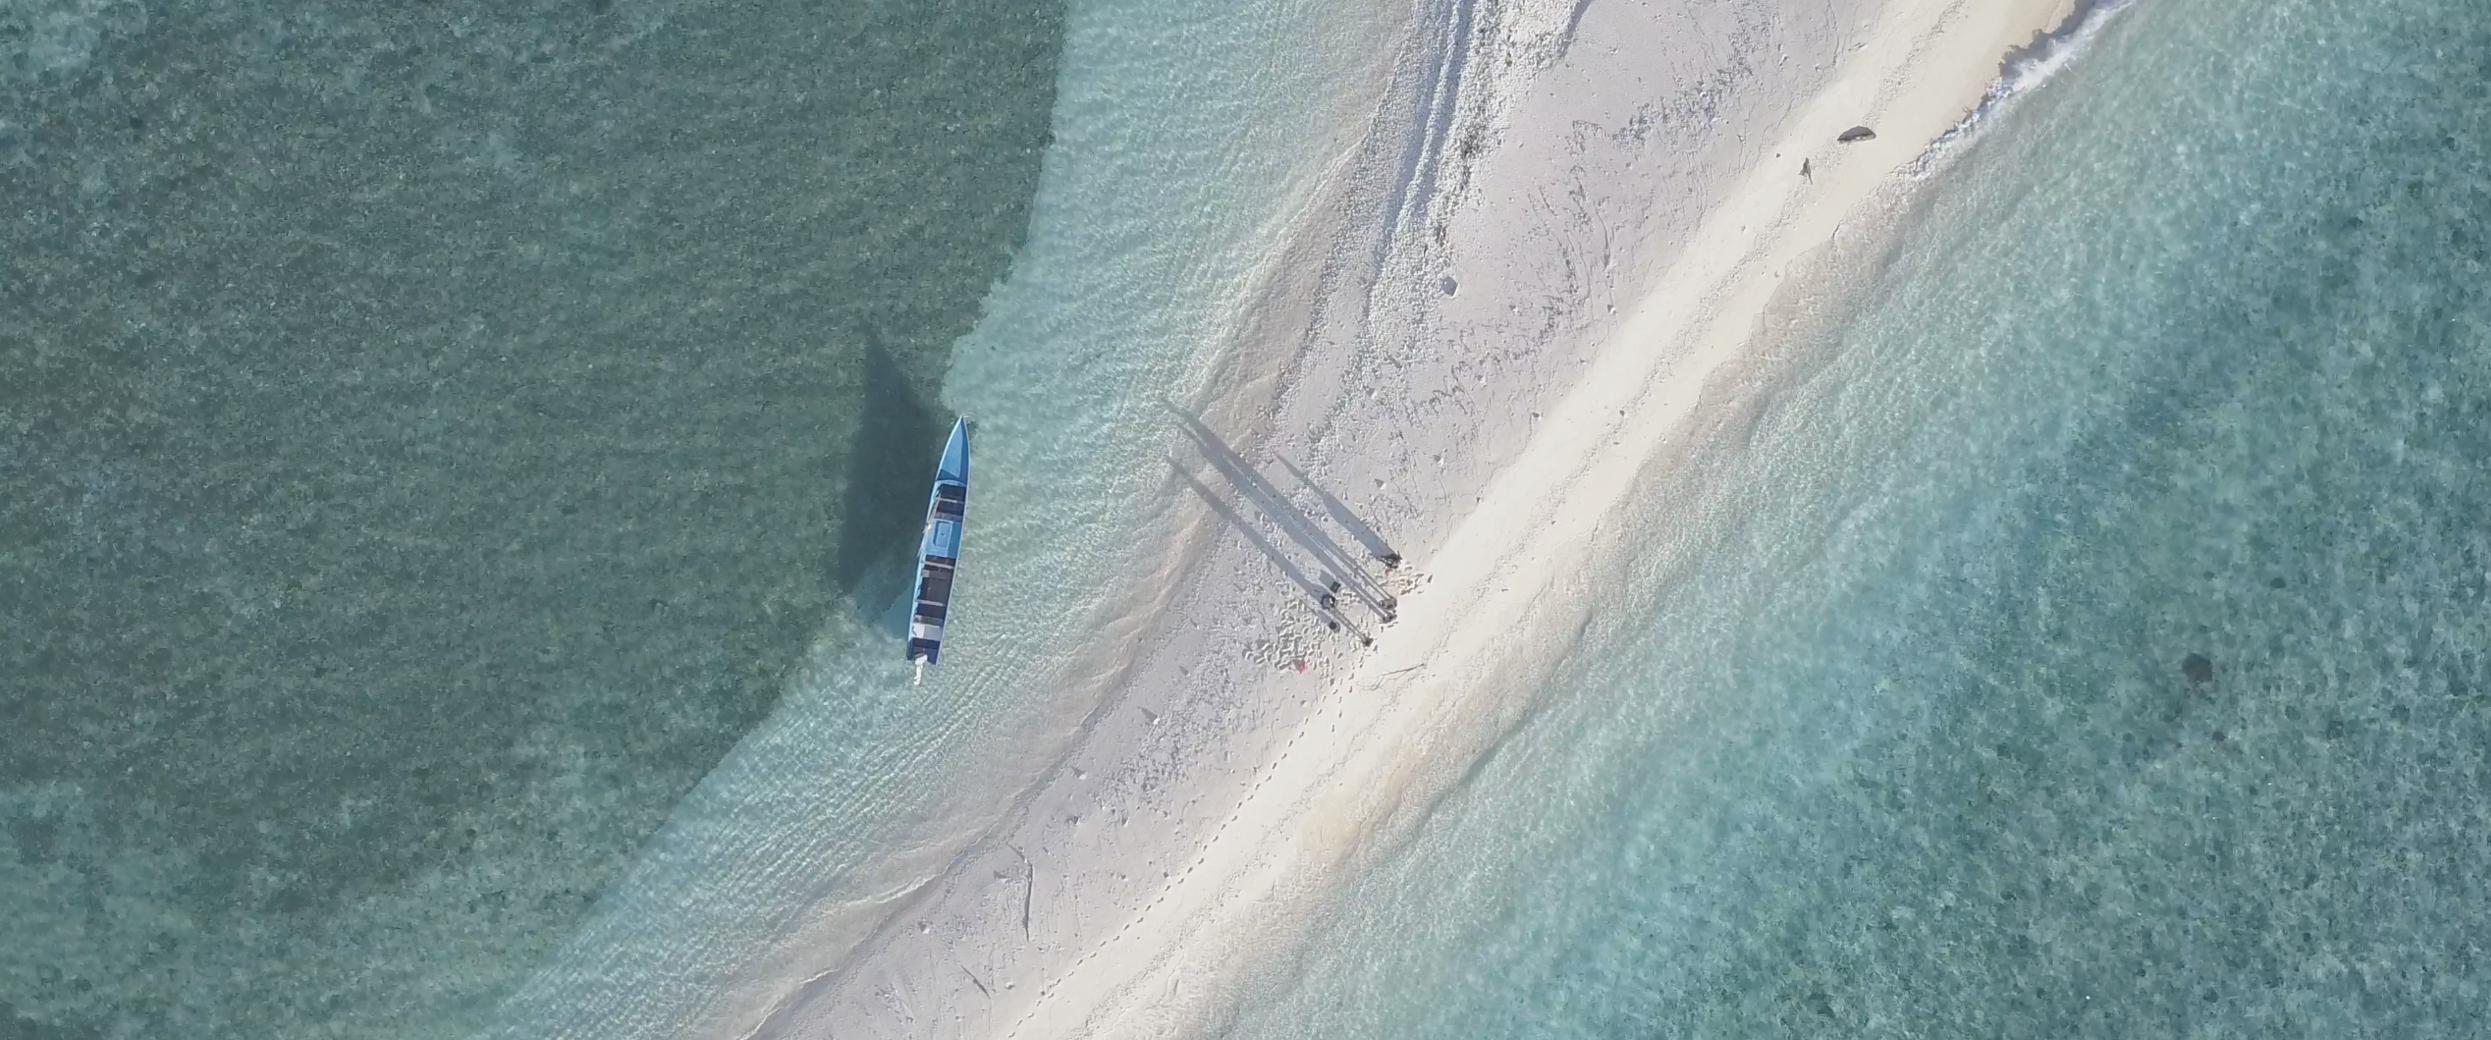 Production shot at Nailaka, Banda Island. April 2017. Photo by Alexandre Girardeau.